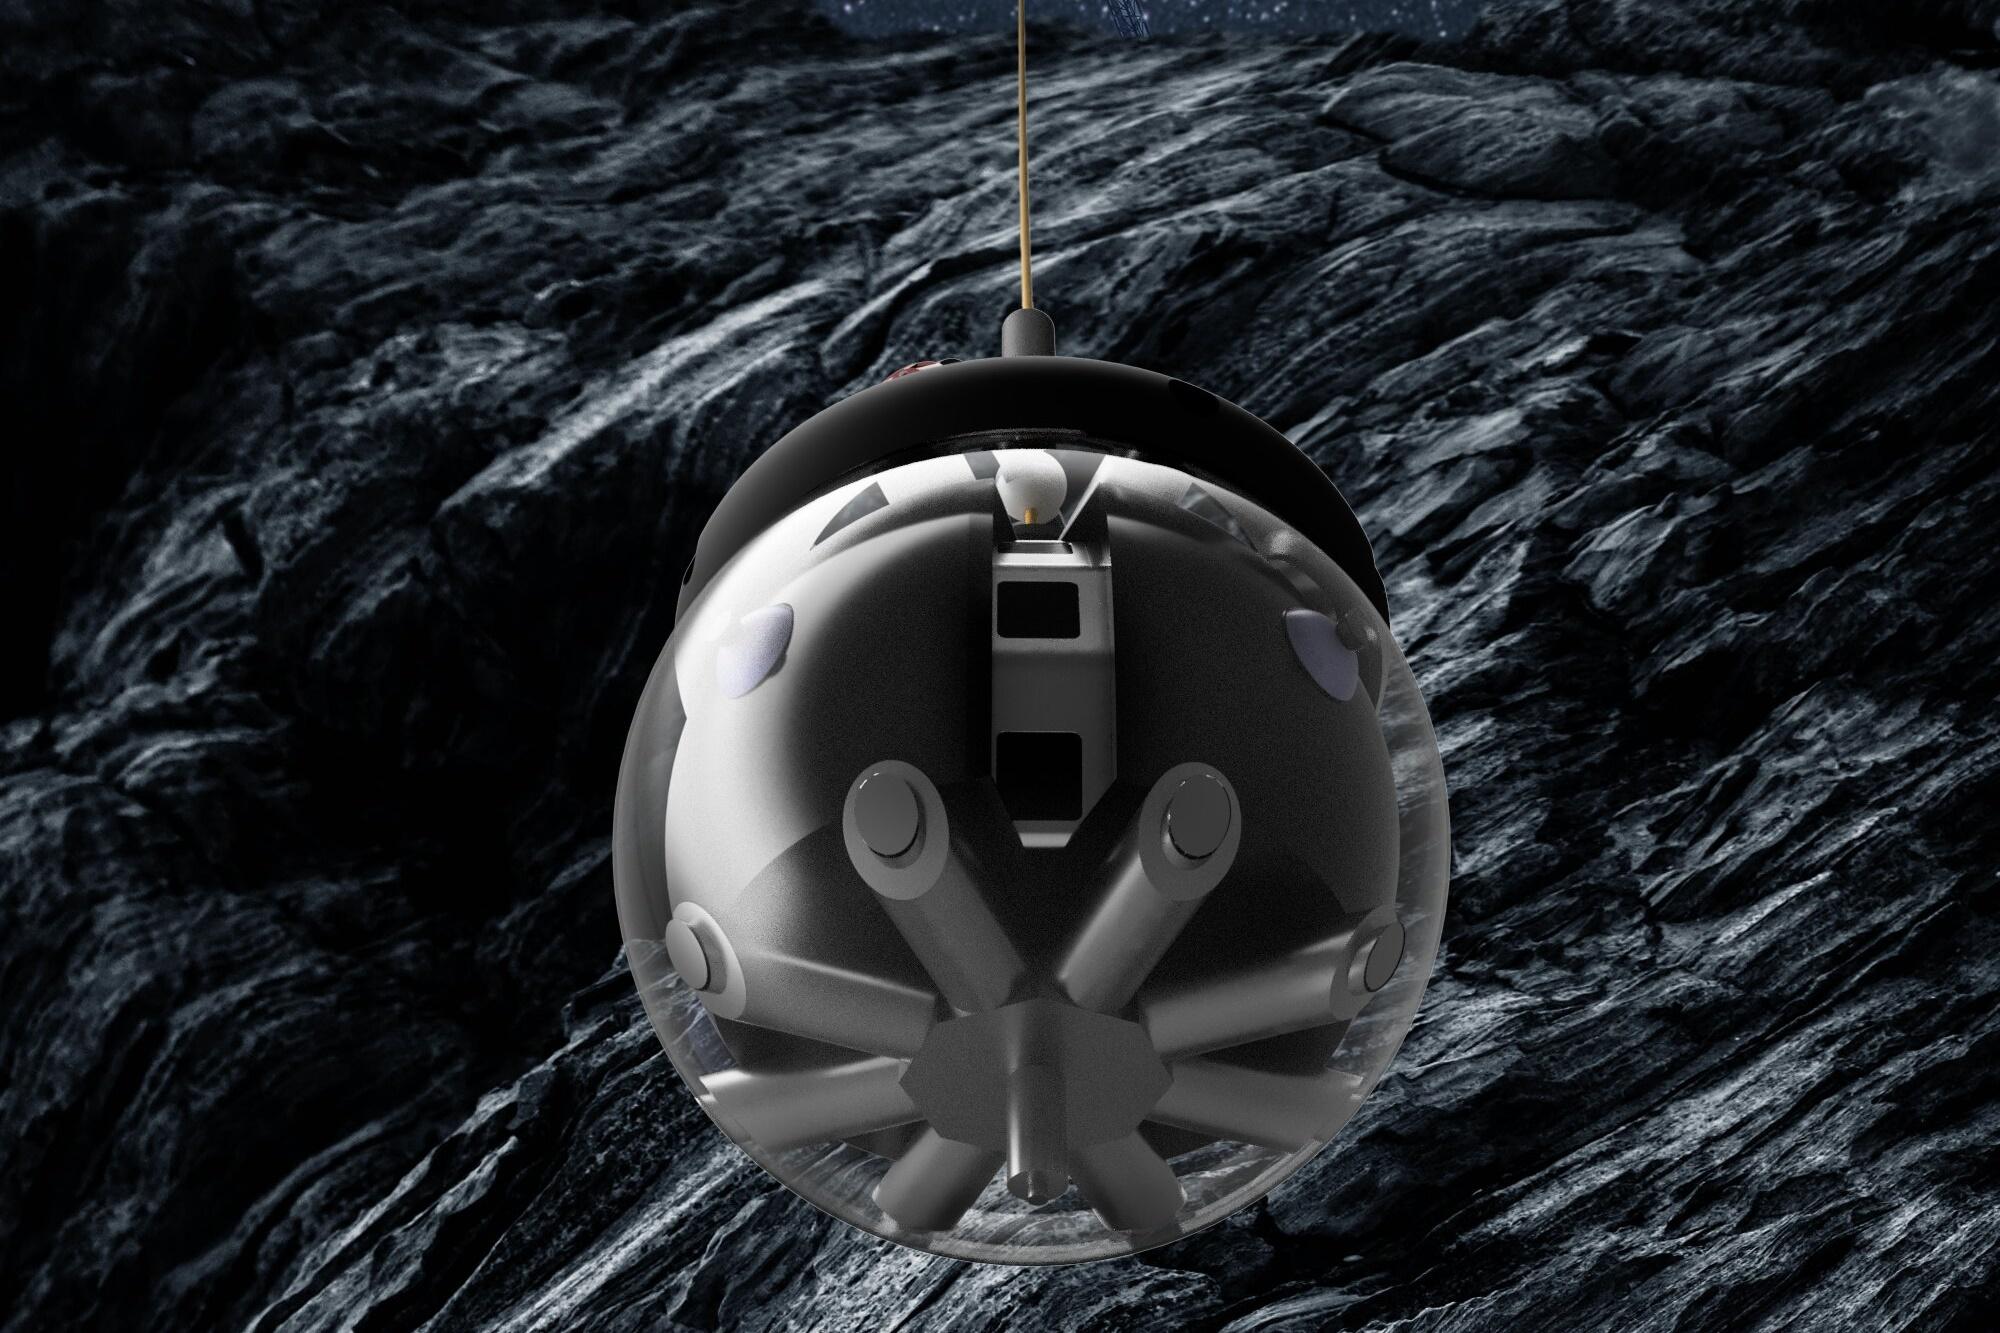 Europa testa sonda 'BB-8' para explorar cavernas lunares